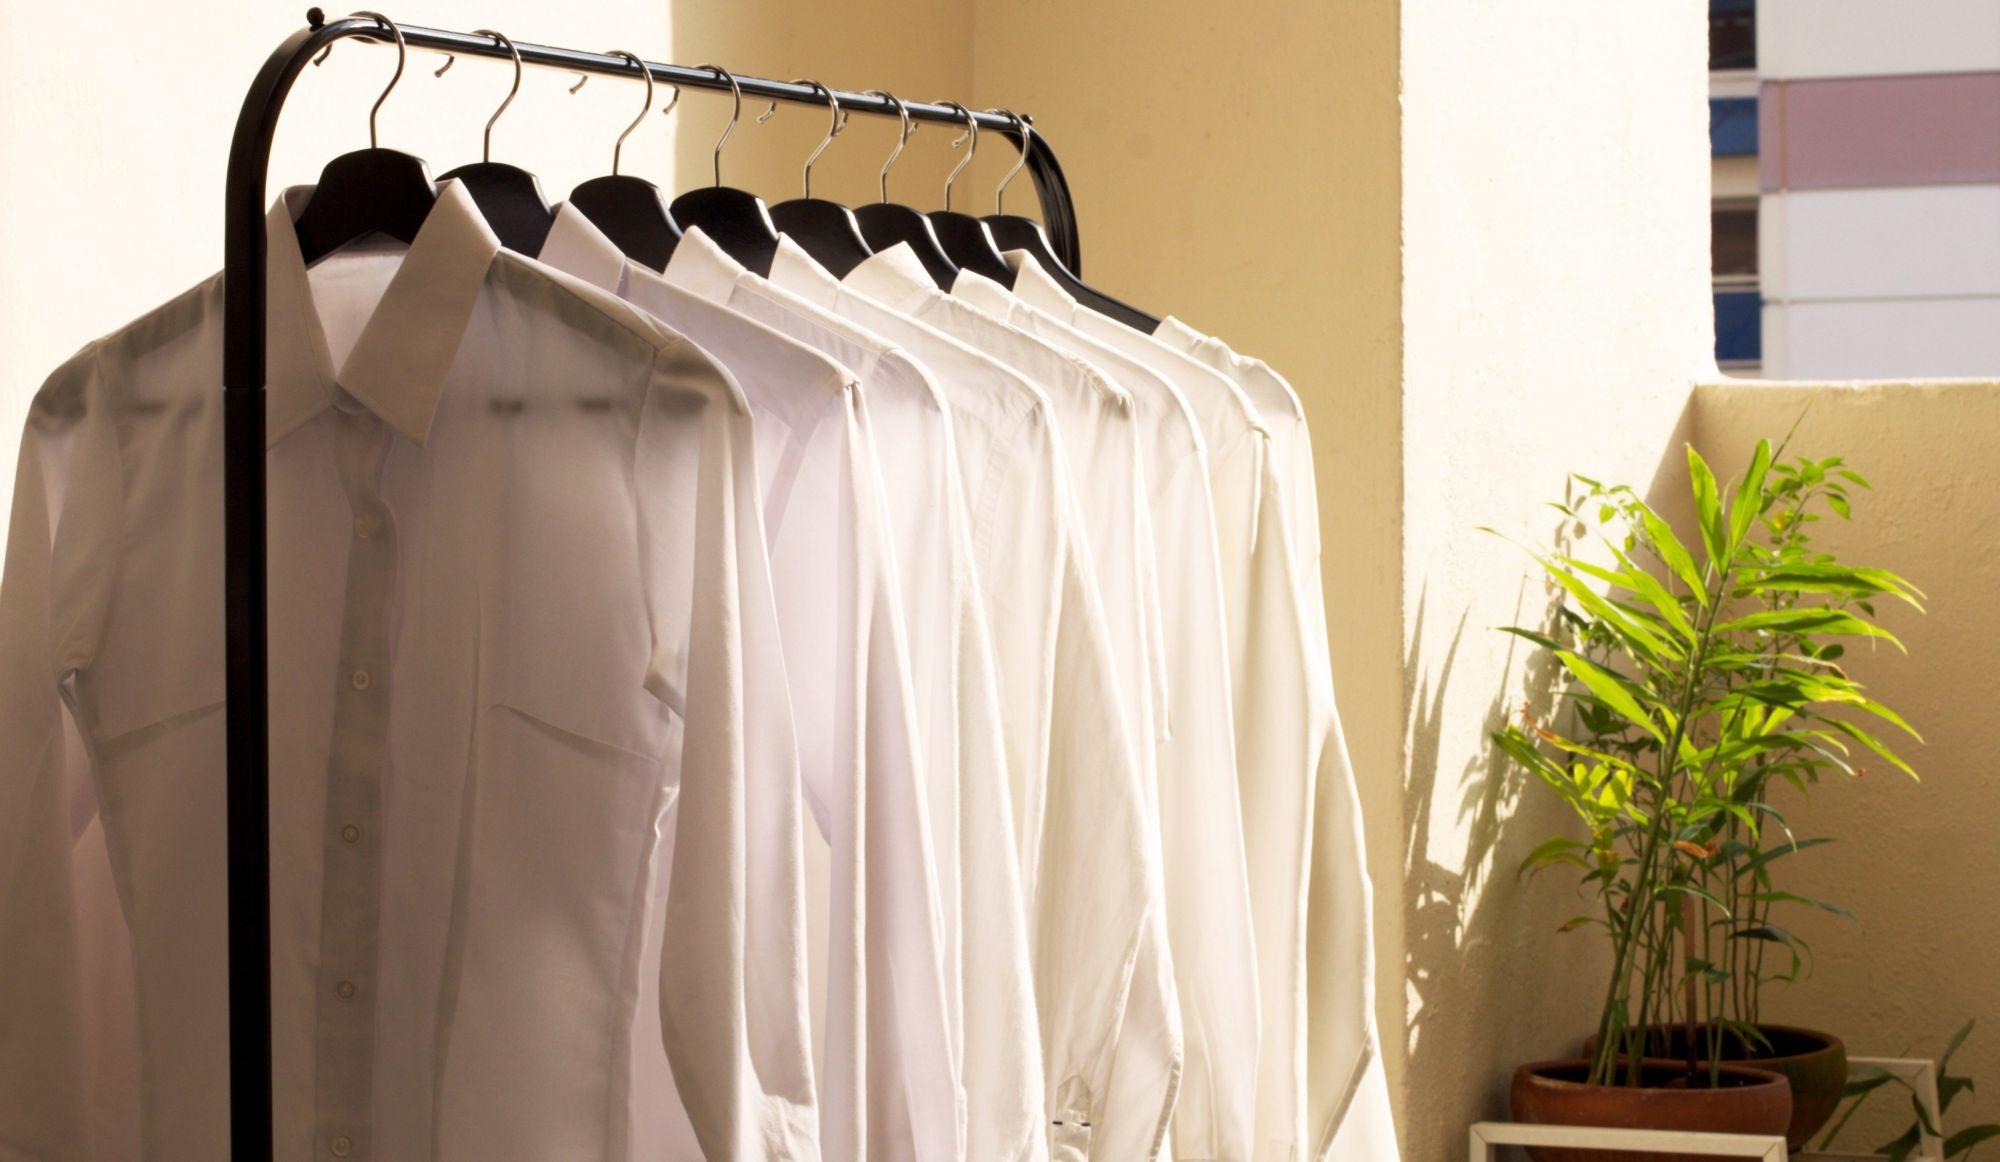 Vêtements tachés par la transpiration: 4 solutions efficaces